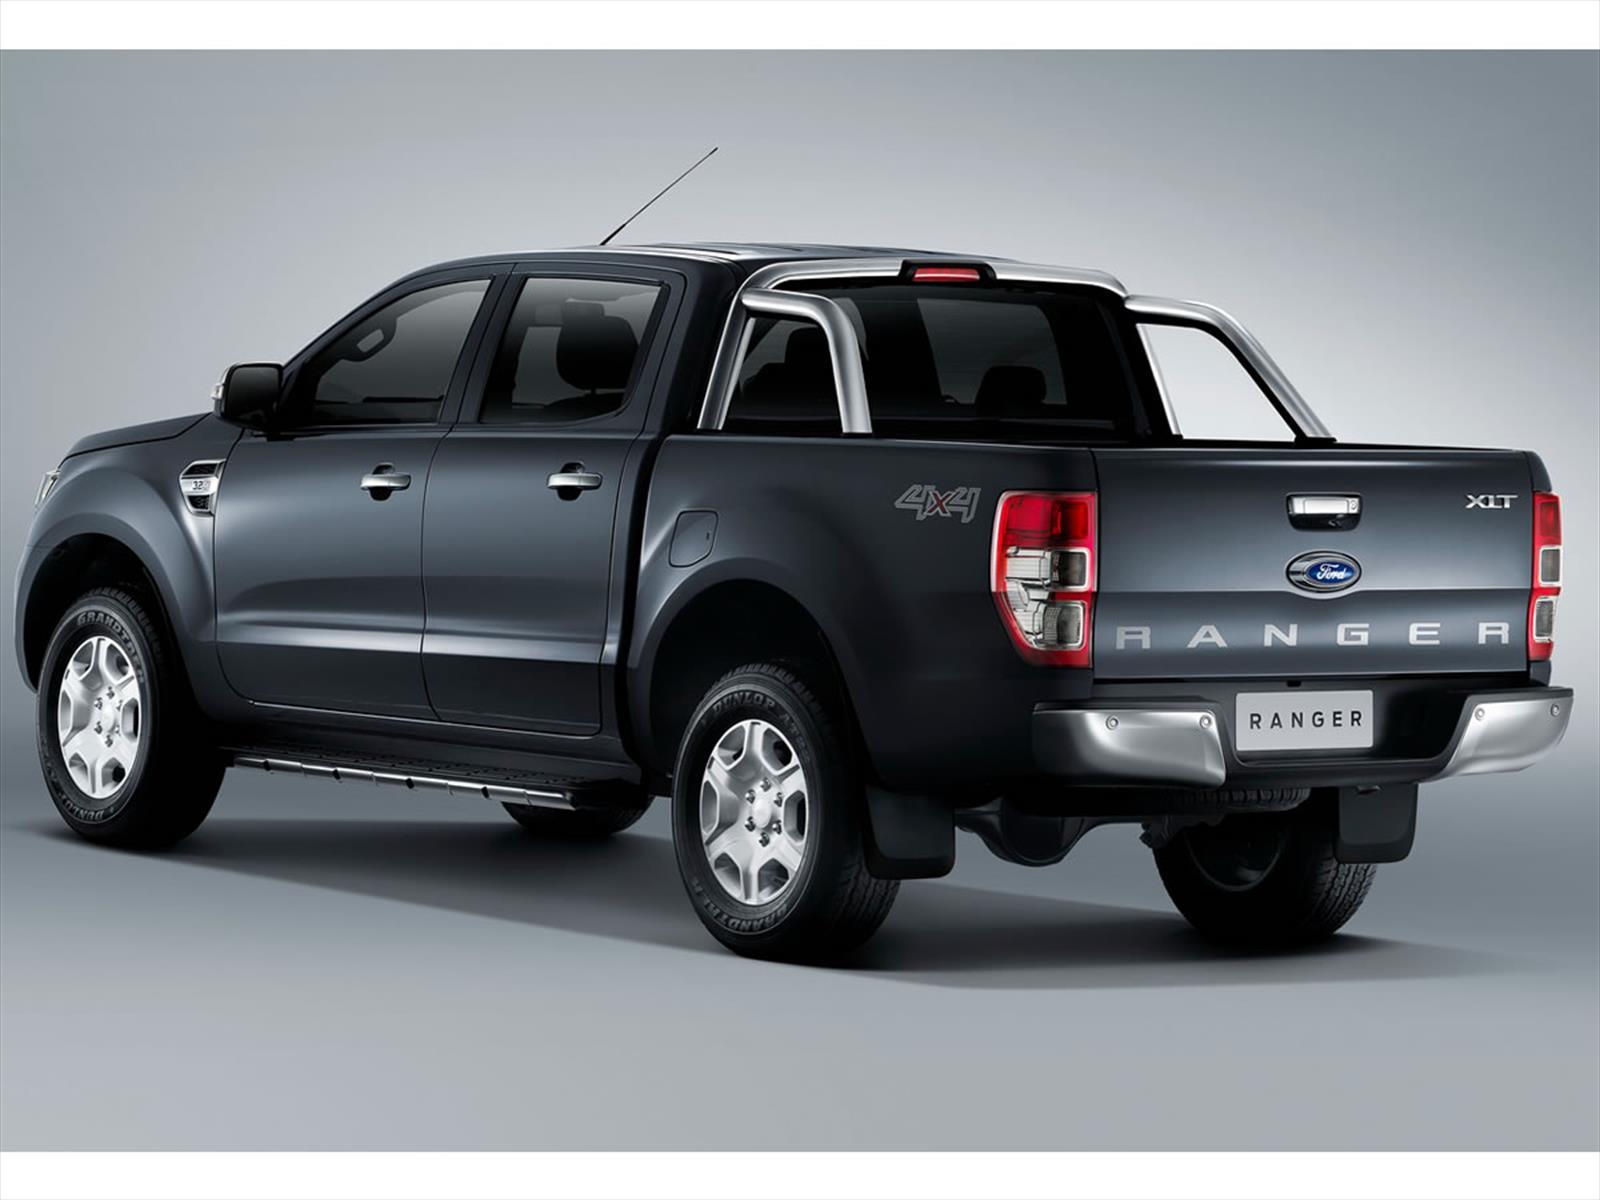 Ford ranger 2017 llega a m xico desde 325 000 pesos autocosmos com noticias